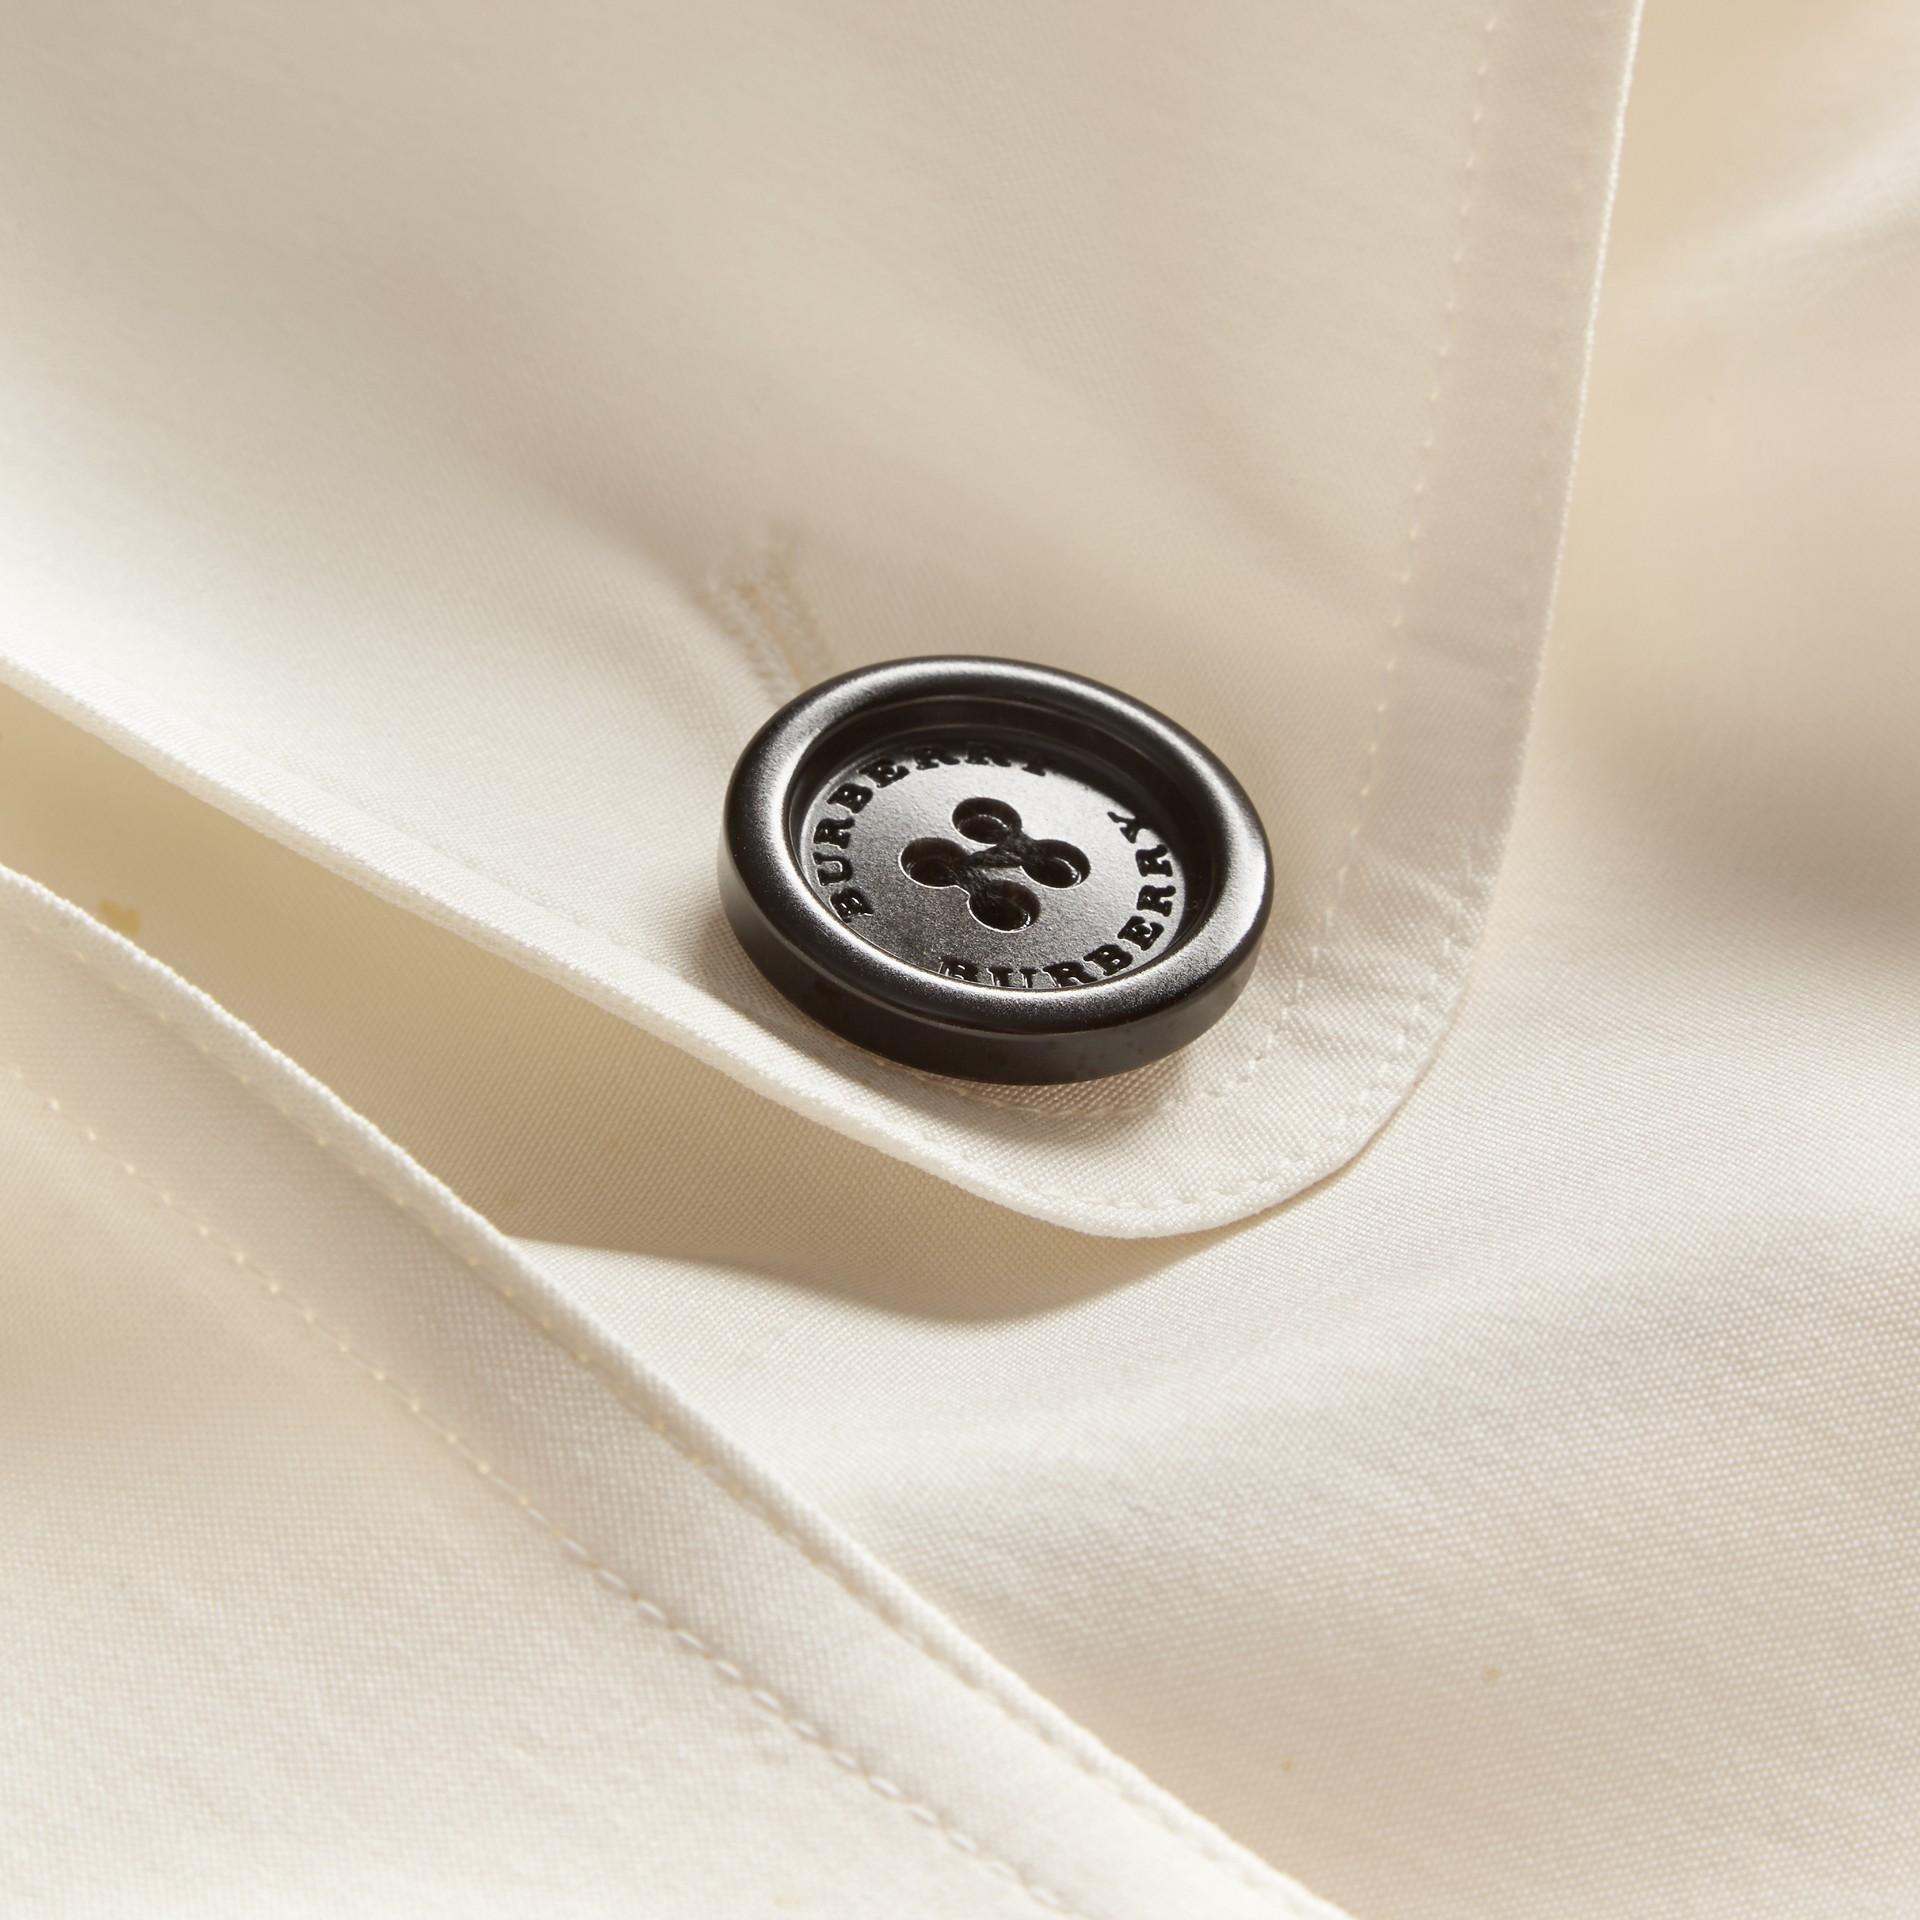 Parchemin Trench-coat en soie avec détails oversize Parchemin - photo de la galerie 2